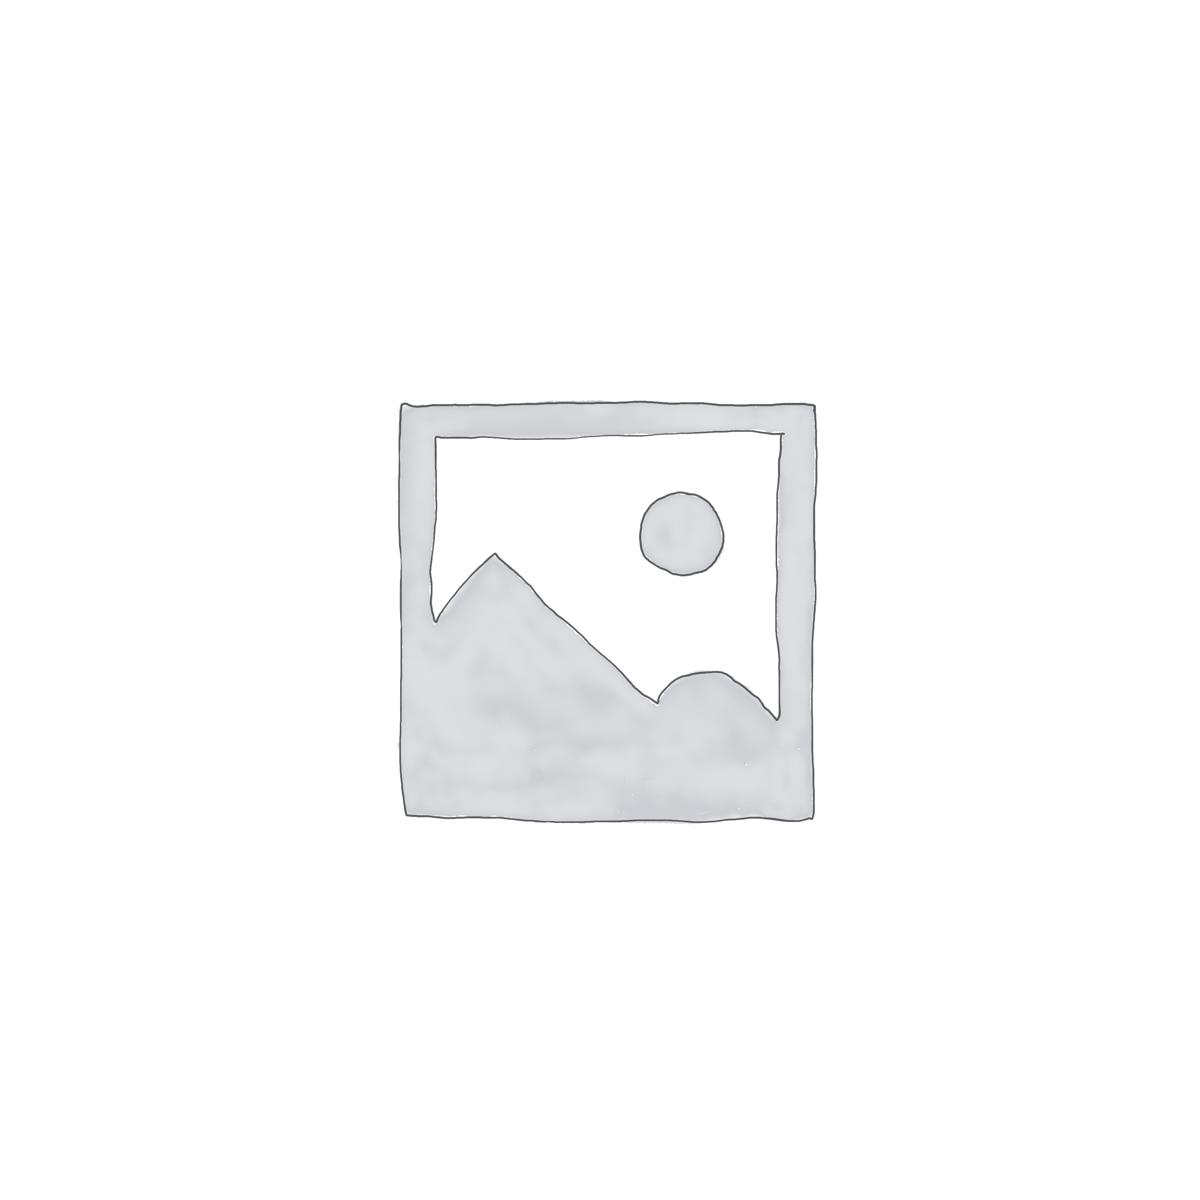 Xiaomi Redmi 6 Covers & Cases